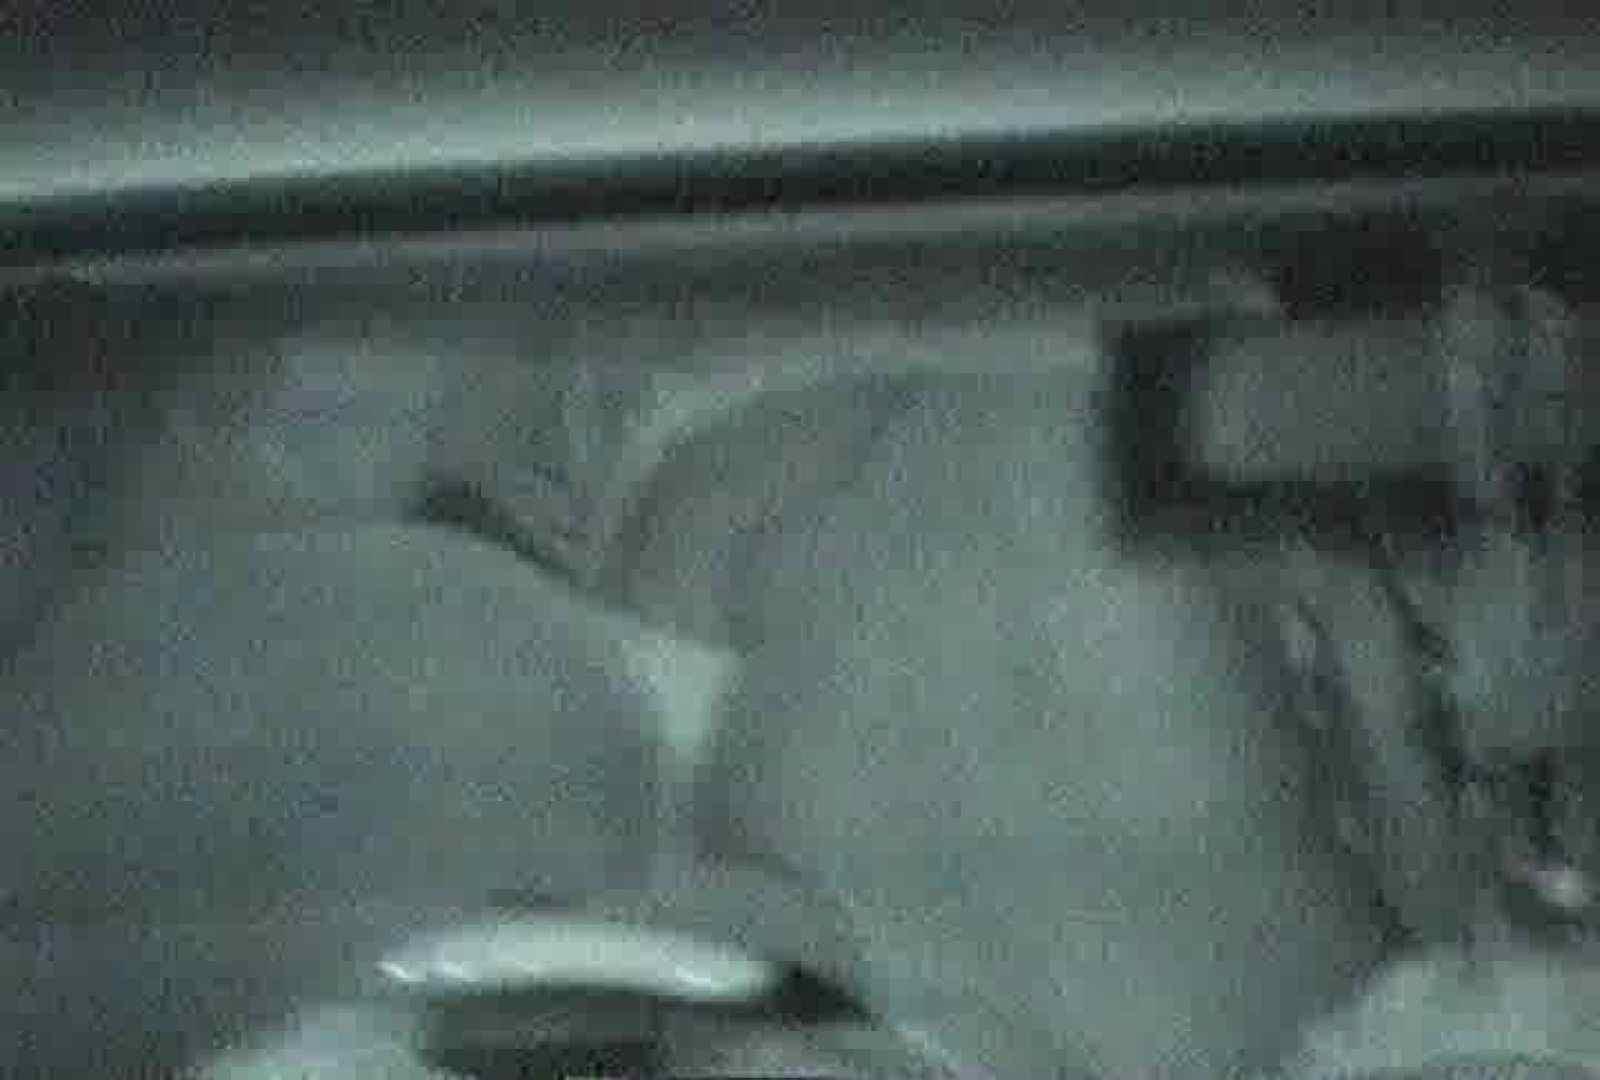 充血監督の深夜の運動会Vol.48 現役ギャル のぞき動画画像 95pic 2